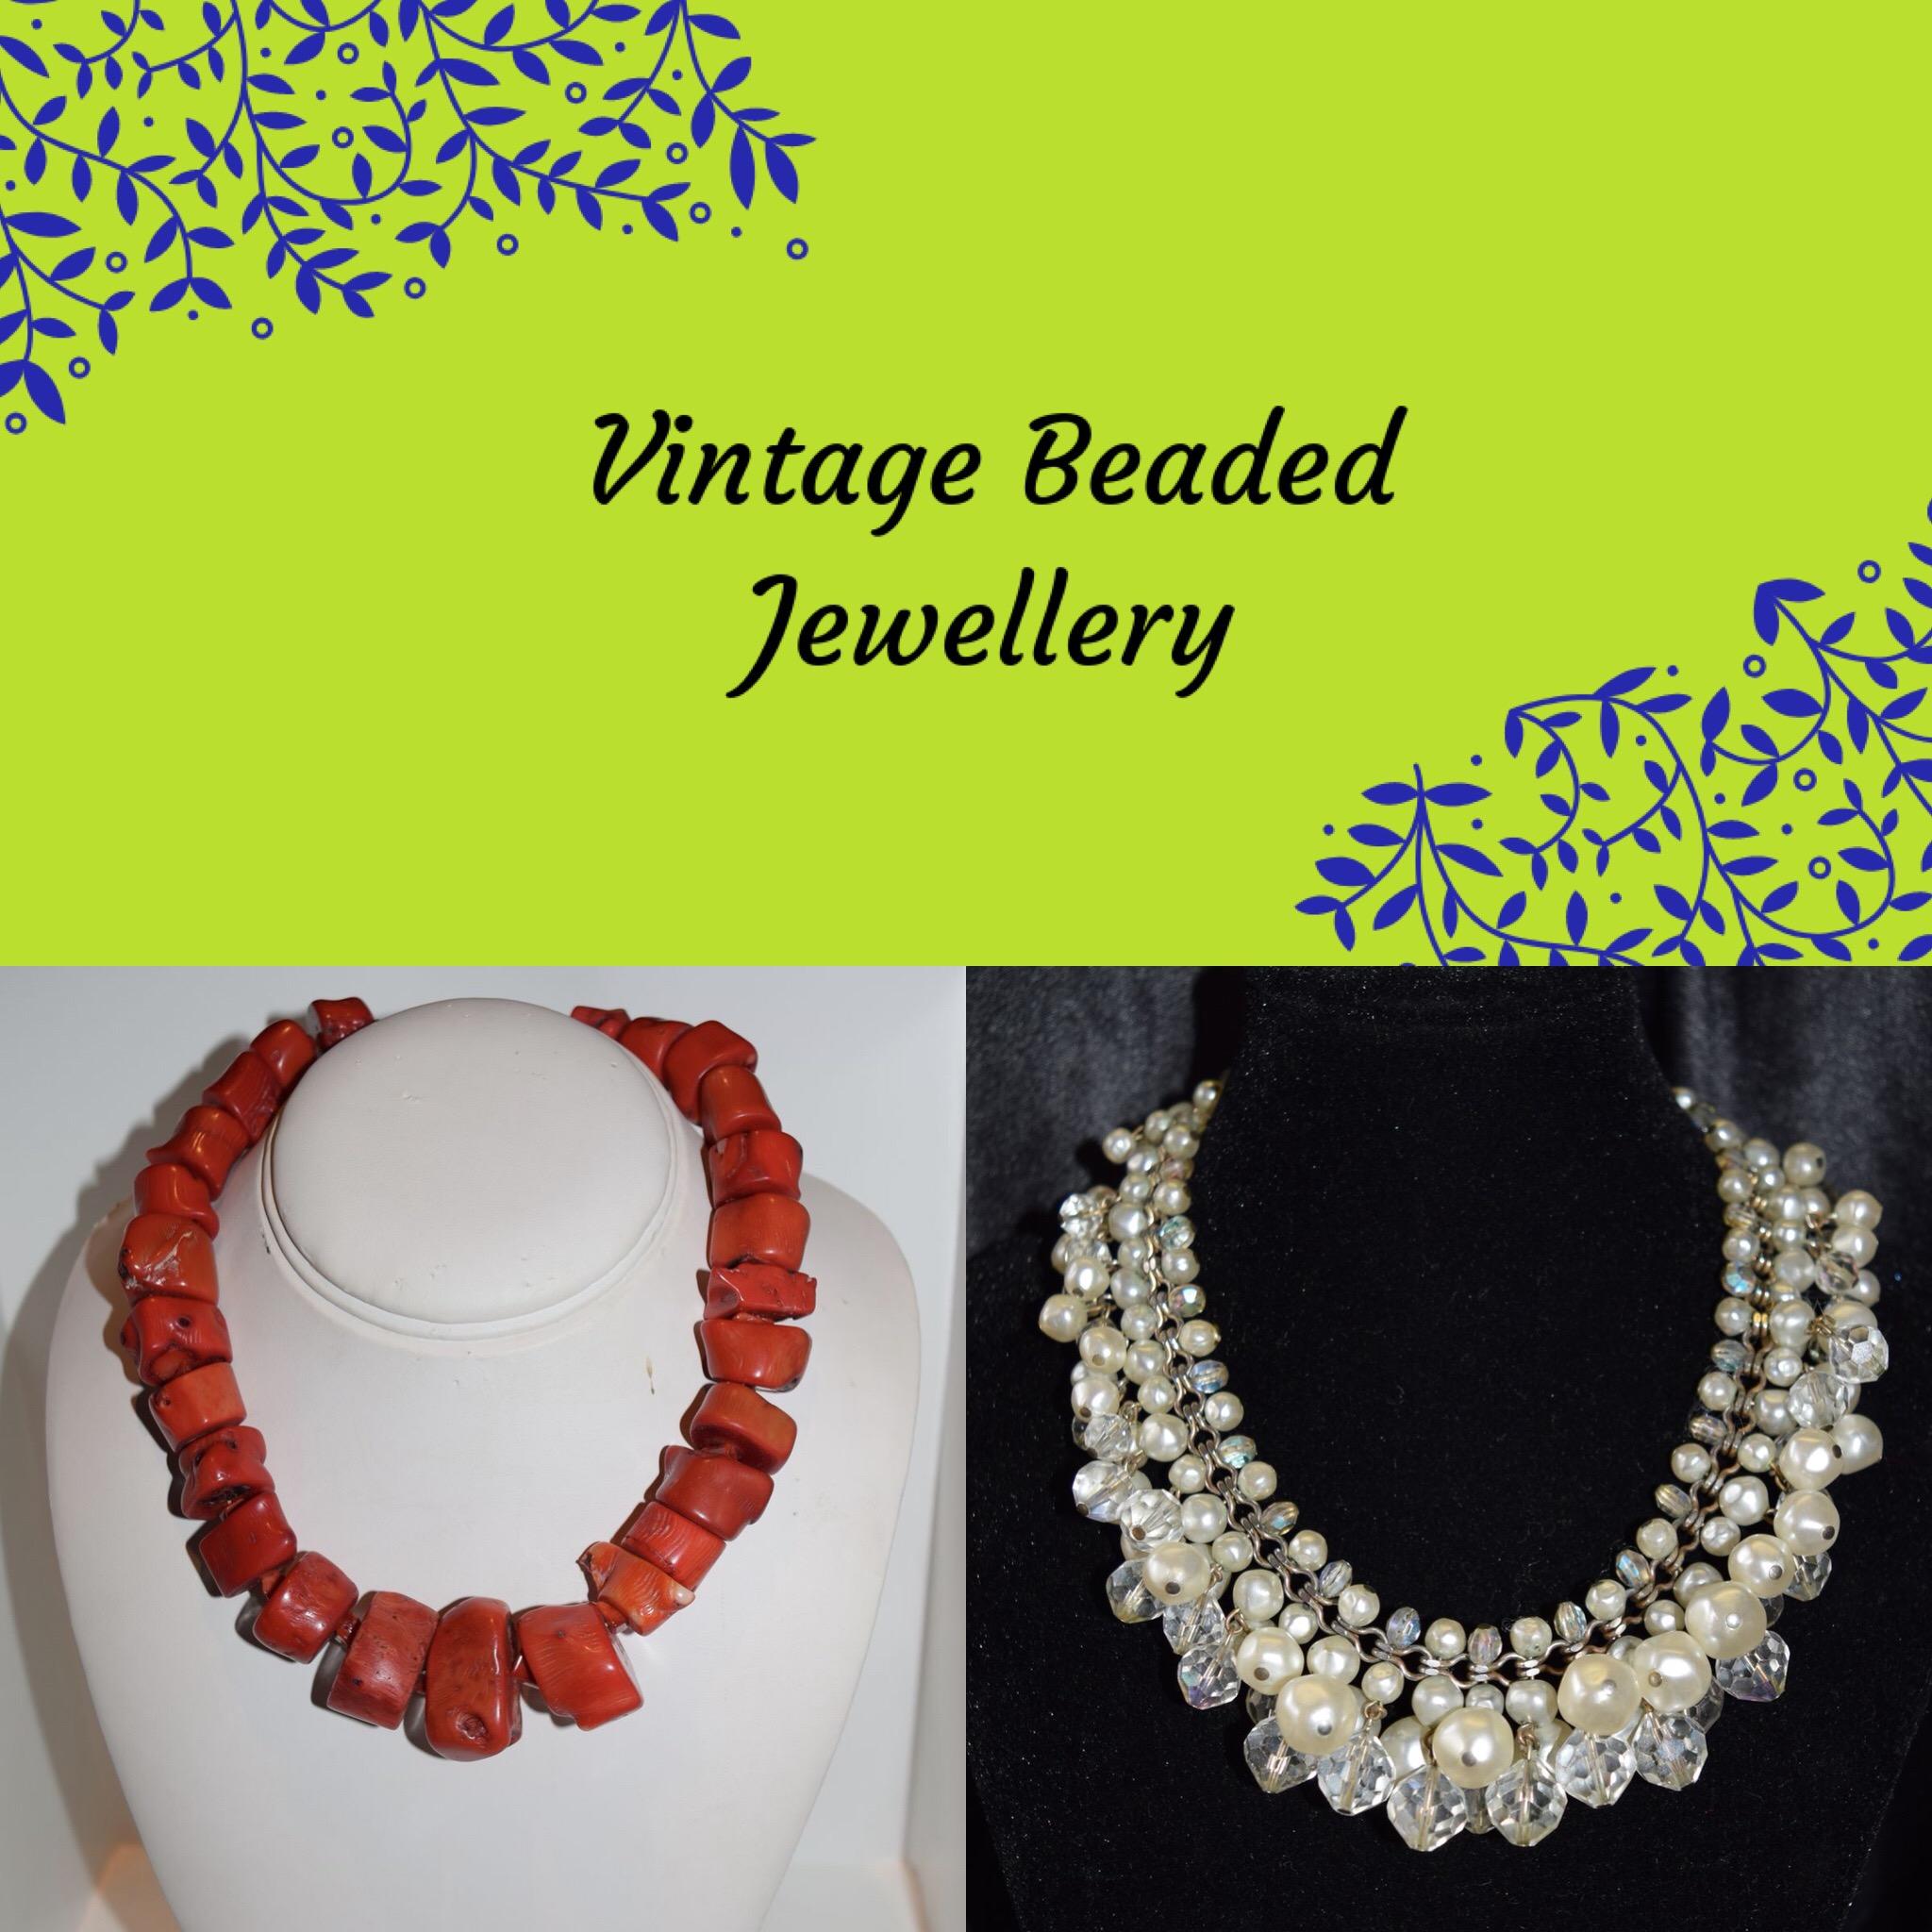 Vintage Beaded Jewellery